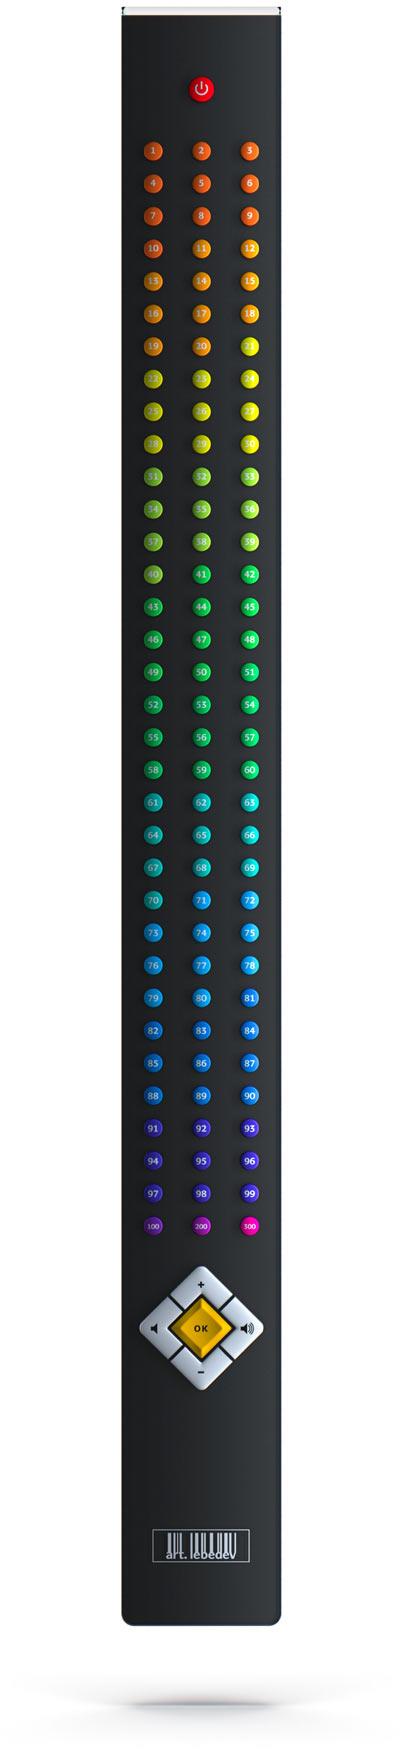 pultius remote control1